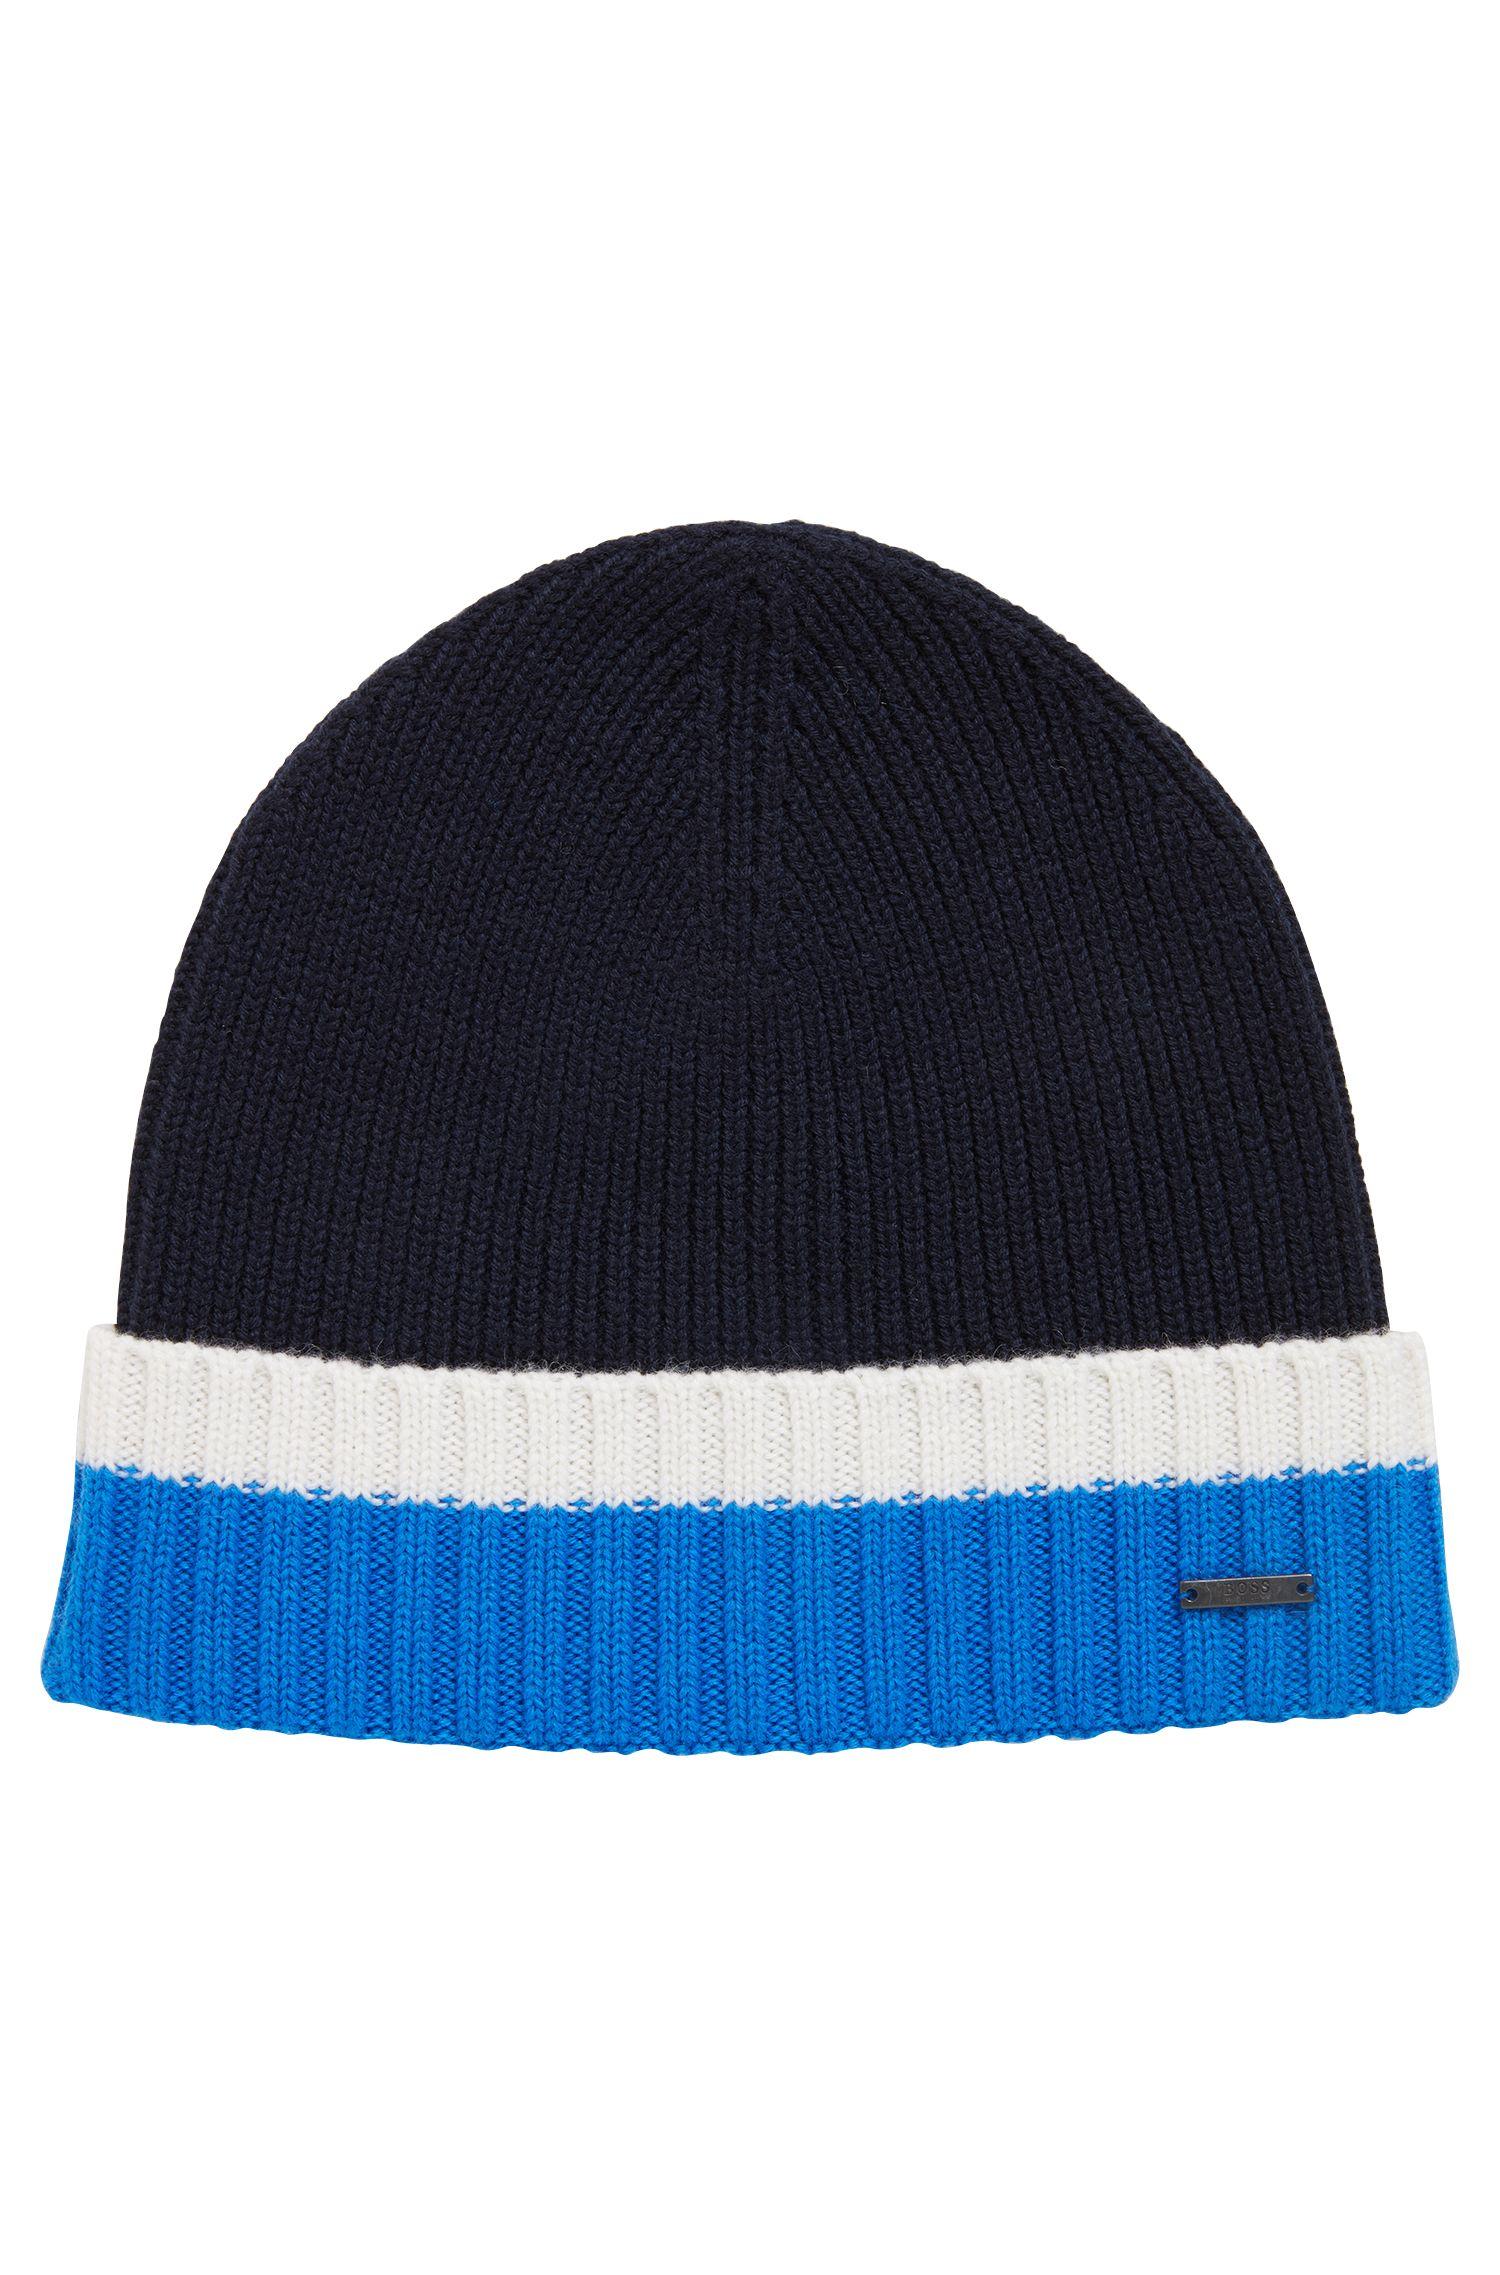 Mütze aus Schurwolle mit kontrastfarbenem Saum, Blau